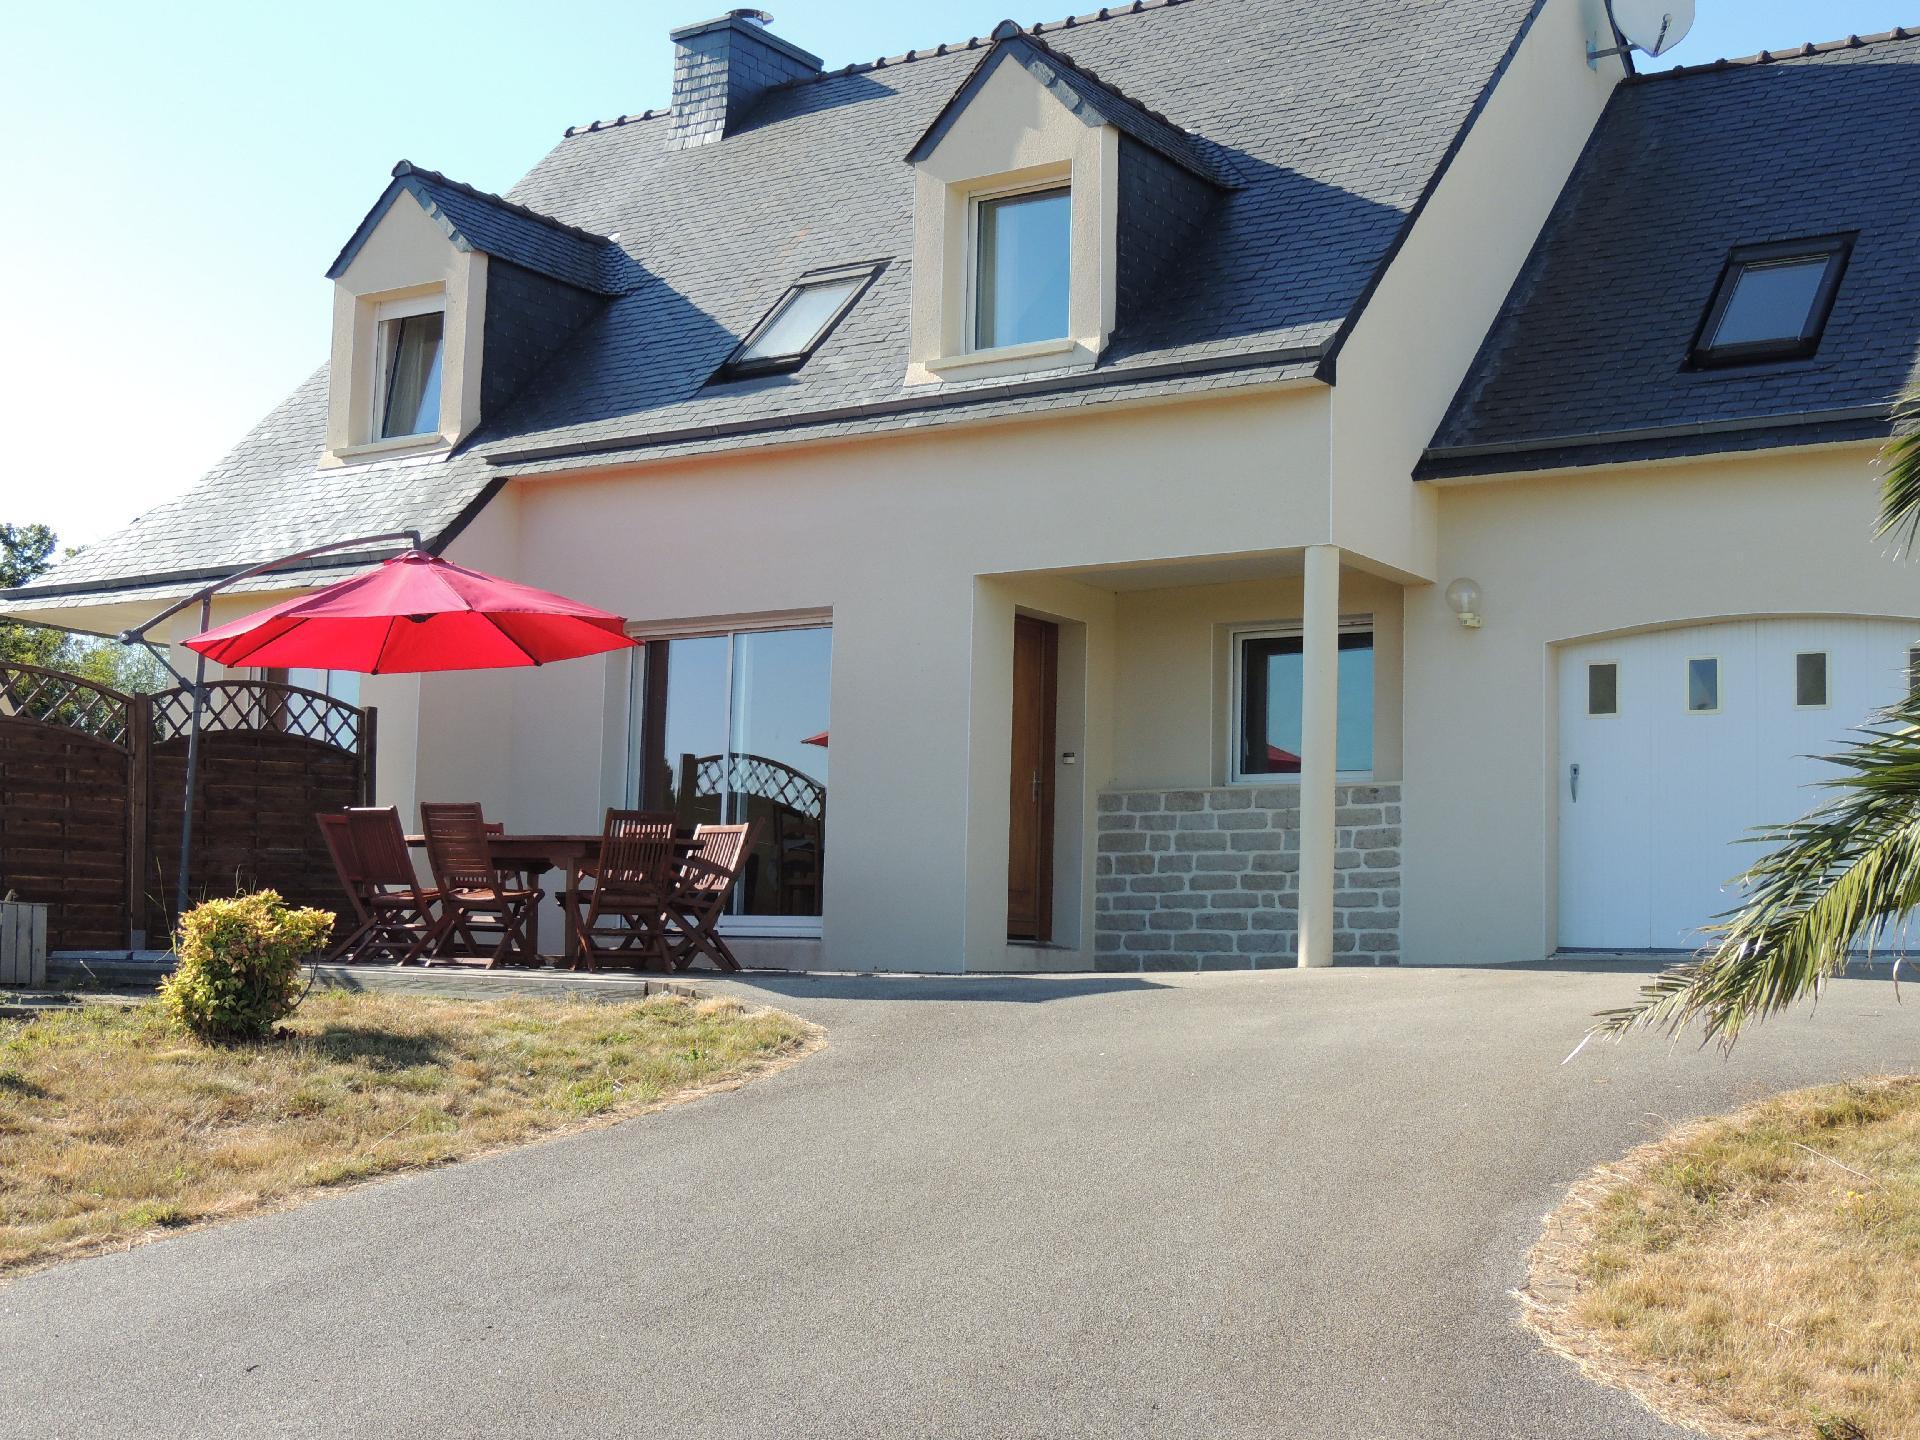 Ferienhaus für 8 Personen ca. 120 m² in